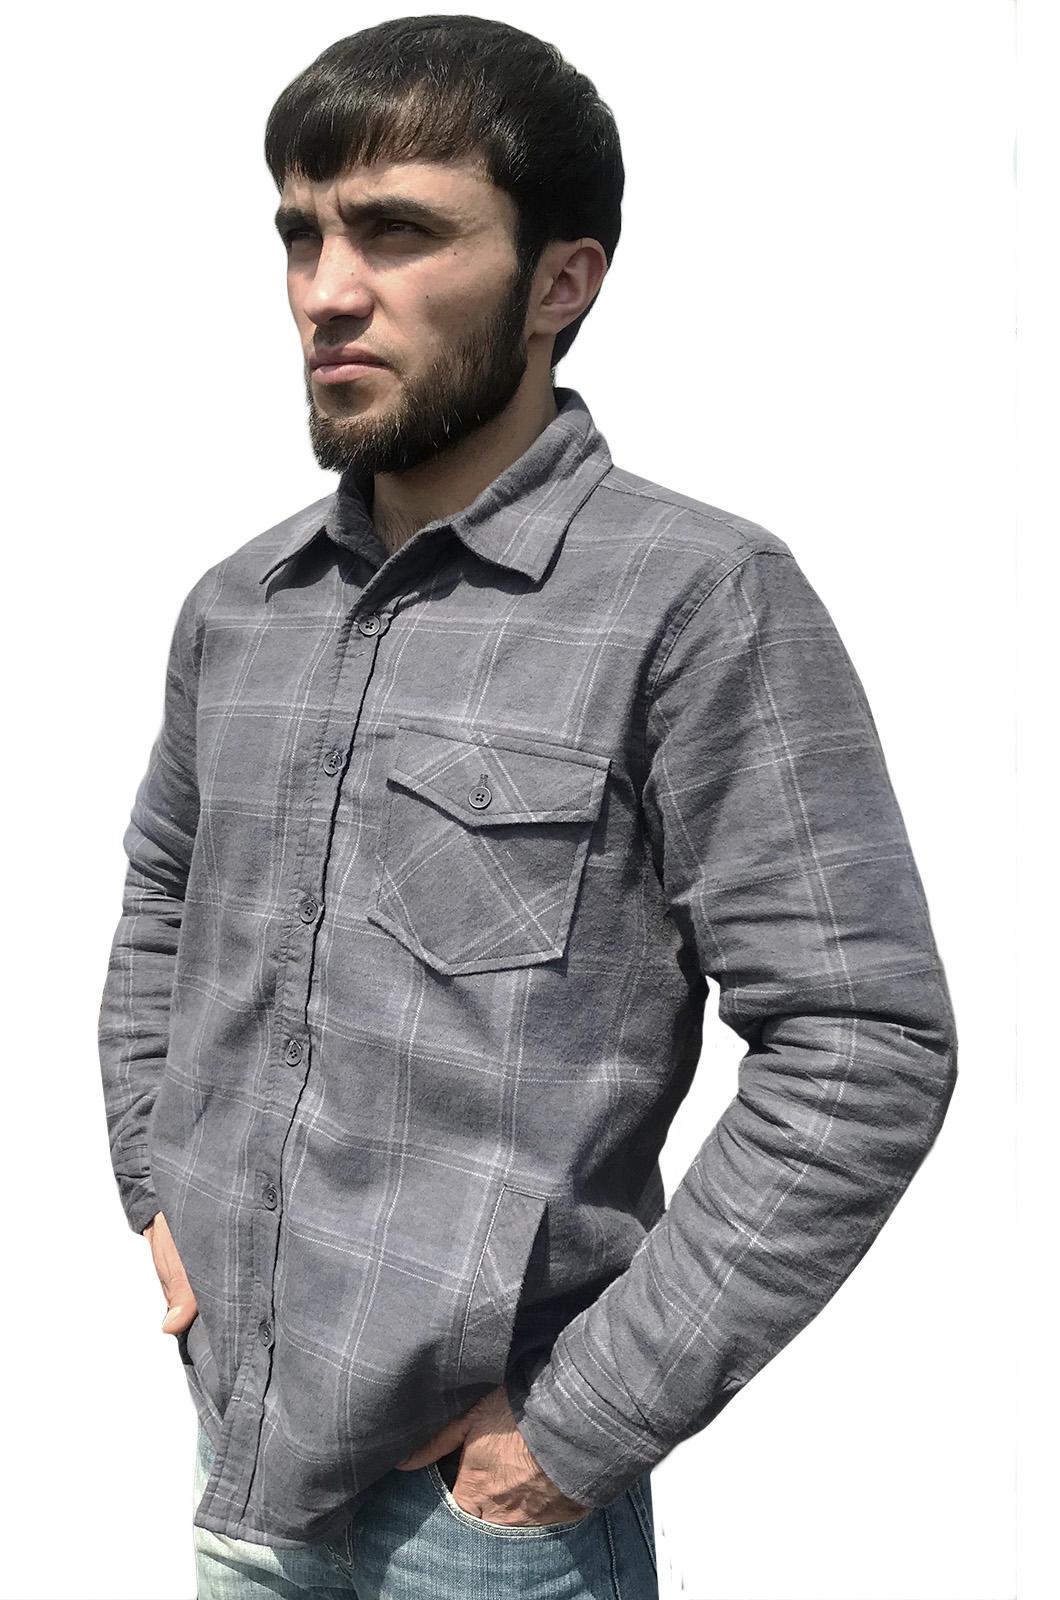 Зачетная рубашка Морская пехота 55 ДМП КТОФ купить онлайн